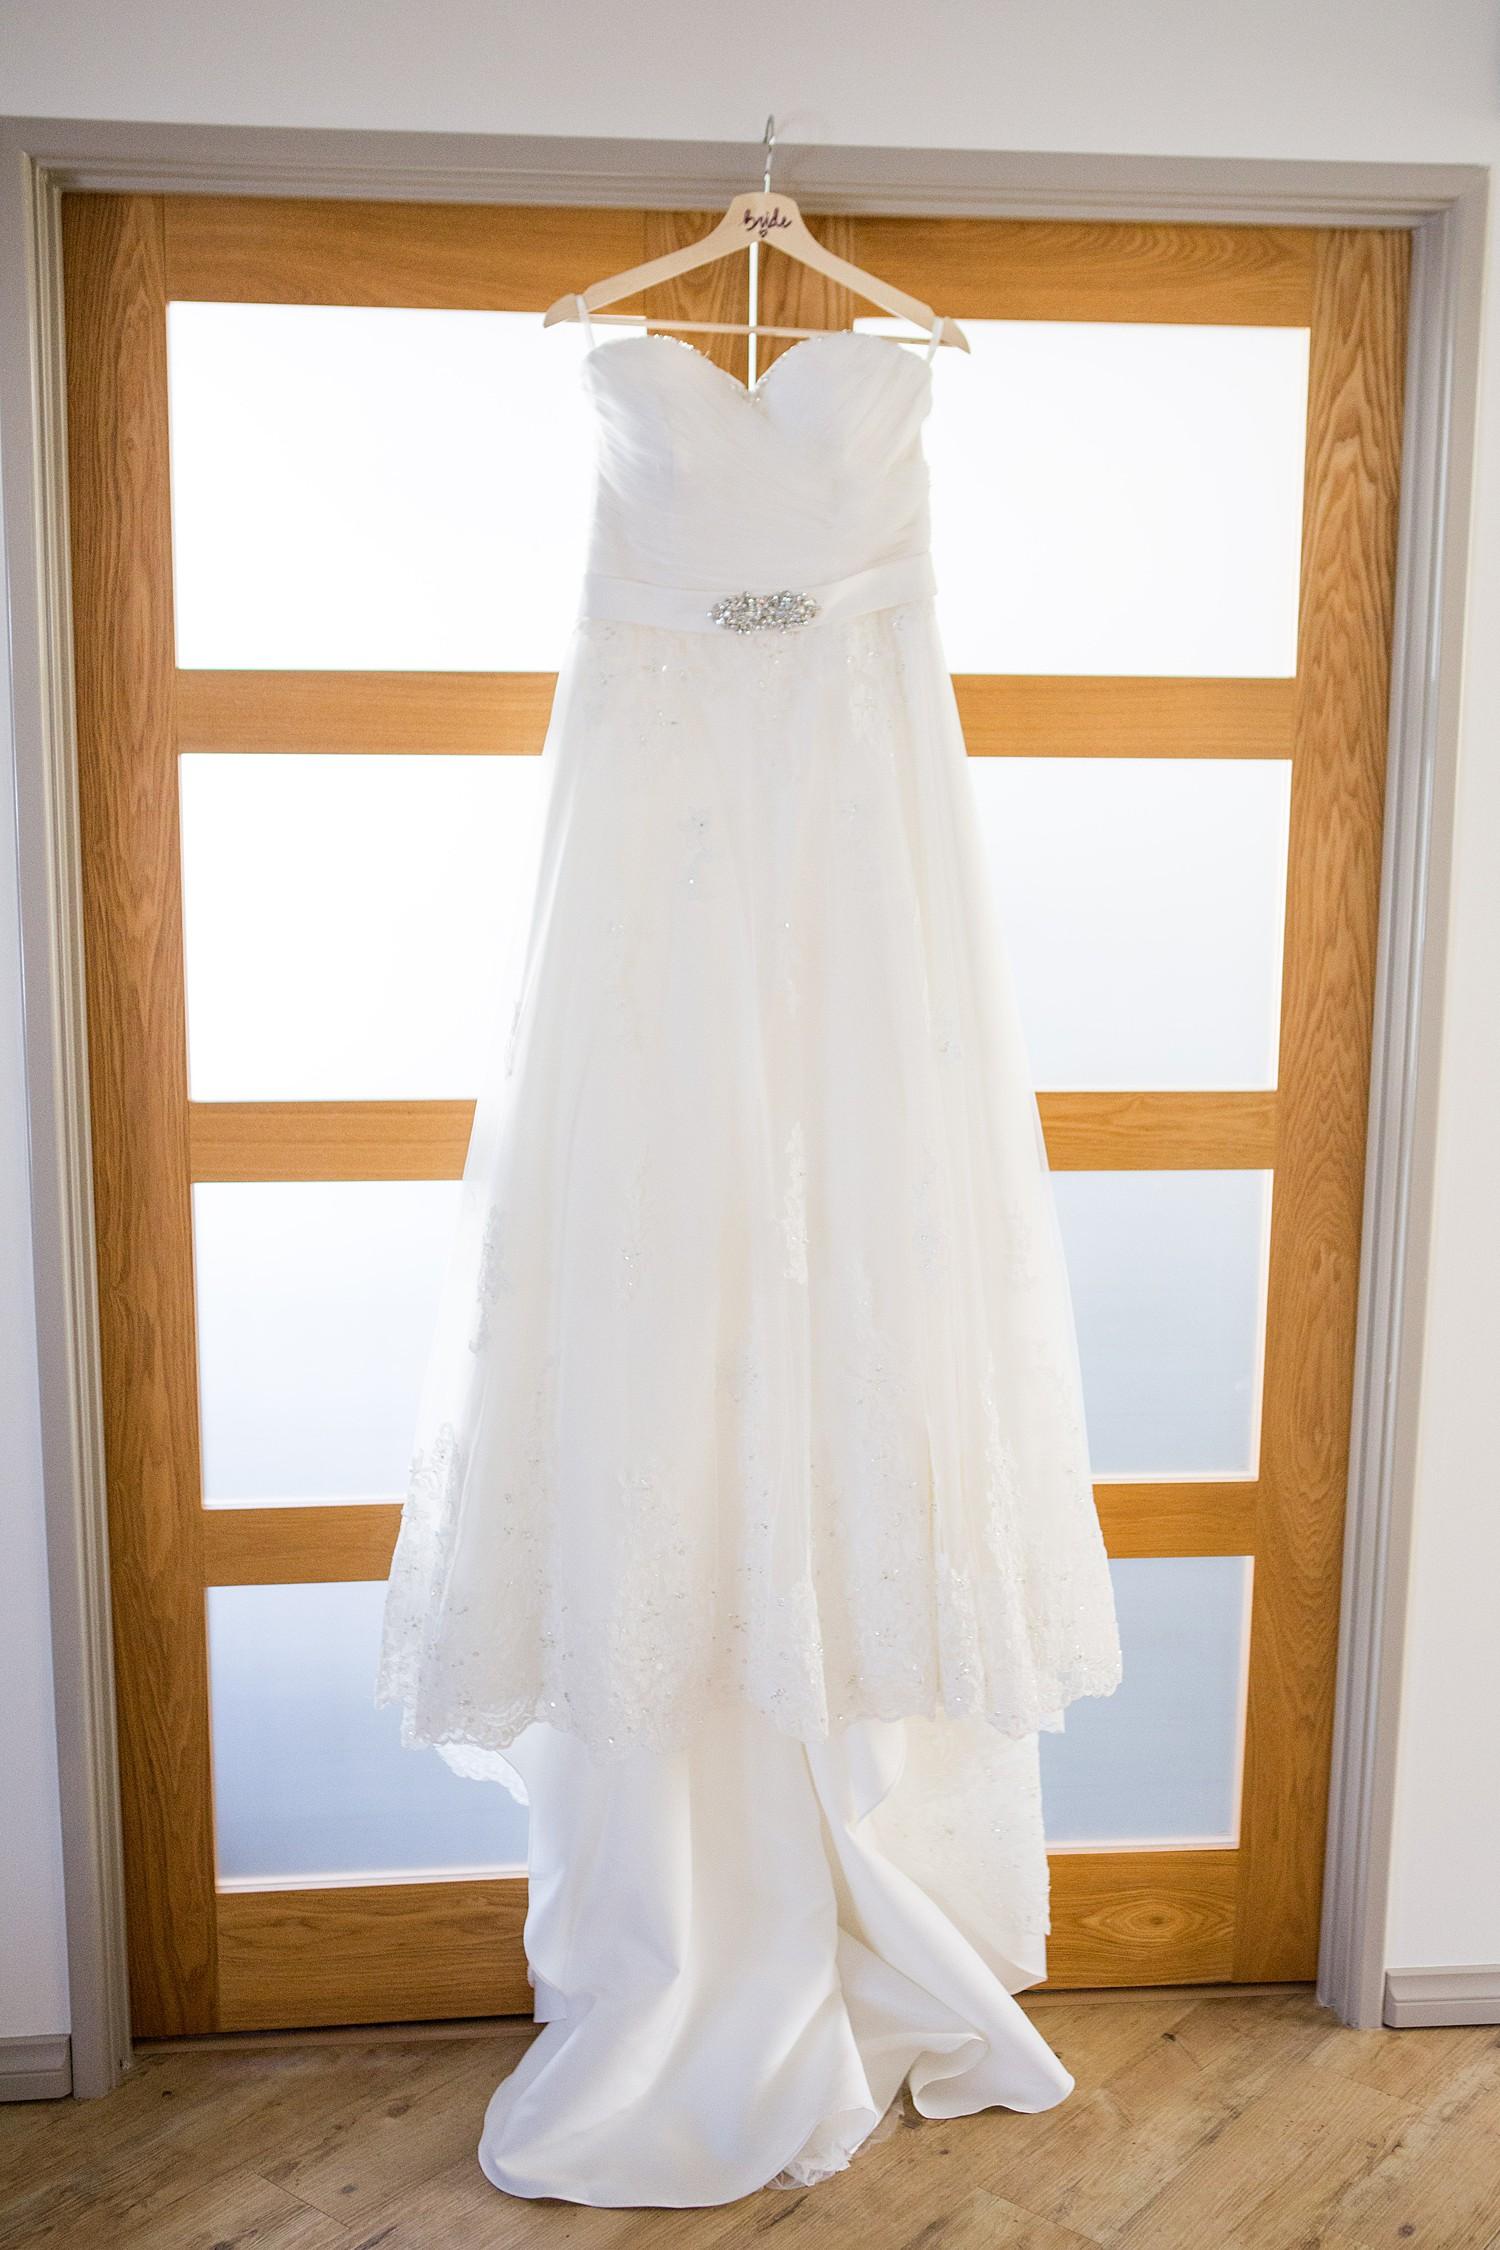 perth_wedding_spring_bridgeleigh_estate_0012.jpg